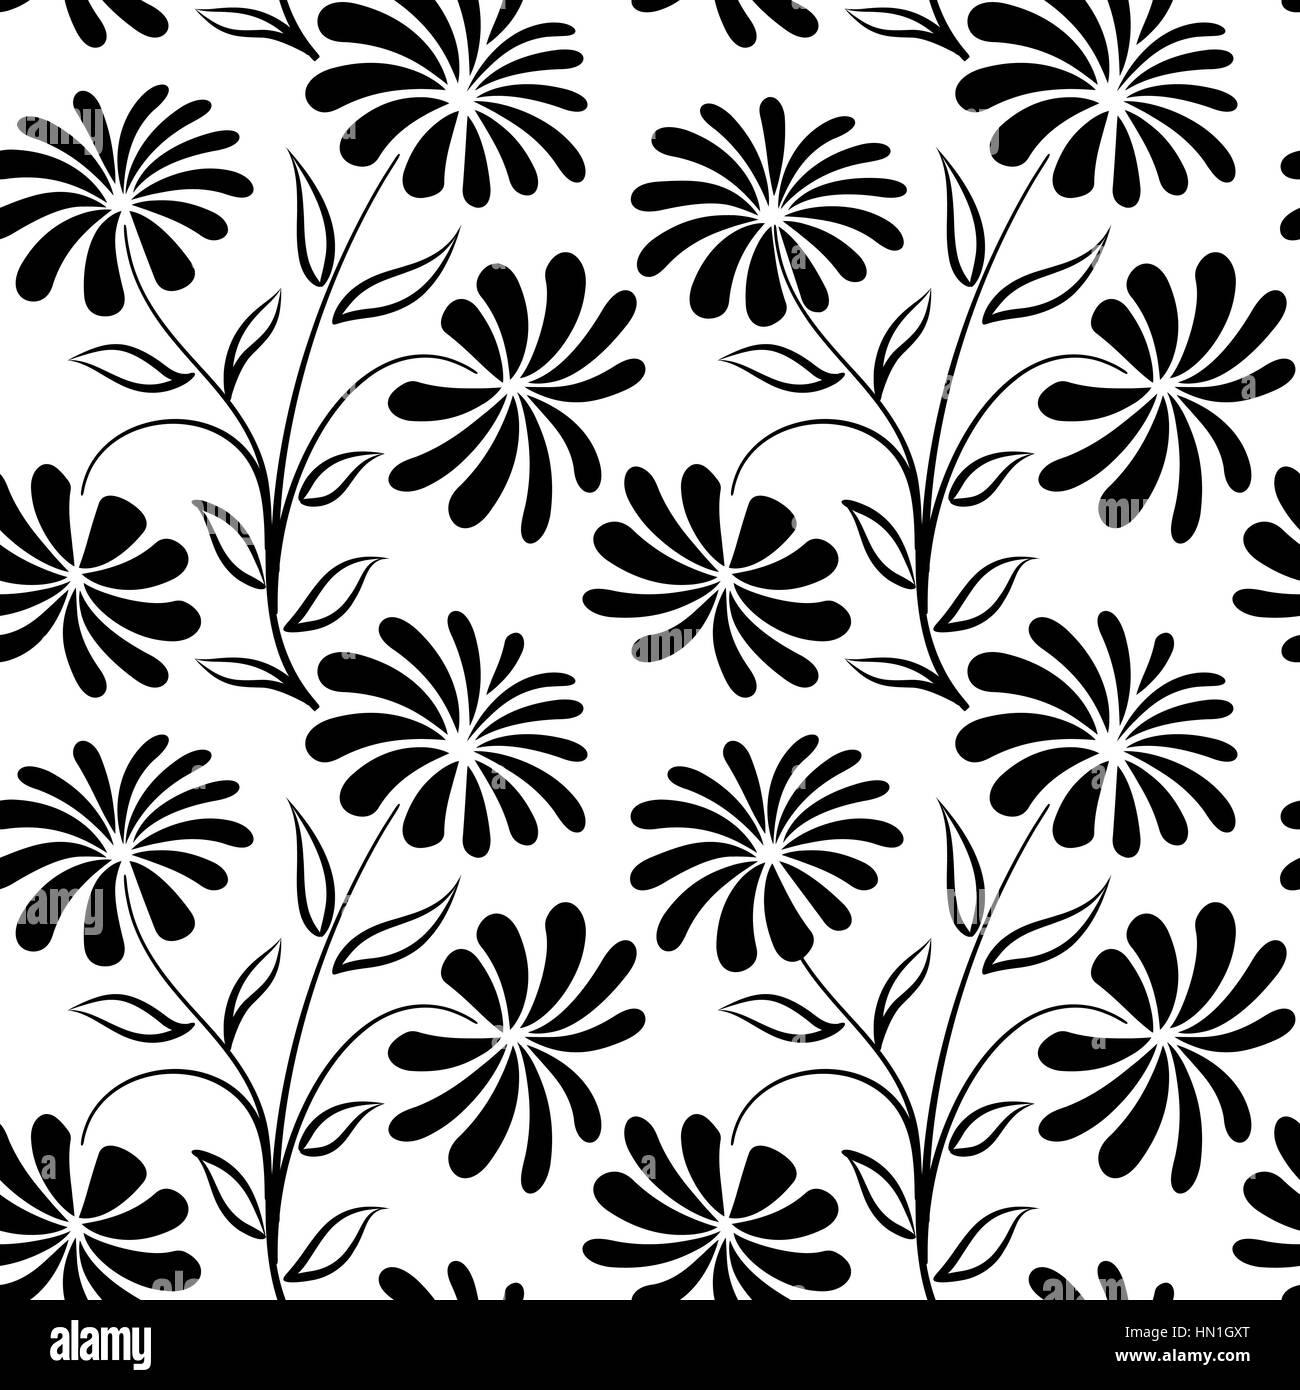 https www alamyimages fr photo image motif transparent floral bouquet de fleurs arriere plan floral seamless texture de fleurs de camomille s epanouir papier peint carrelage noir et blanc 133415600 html